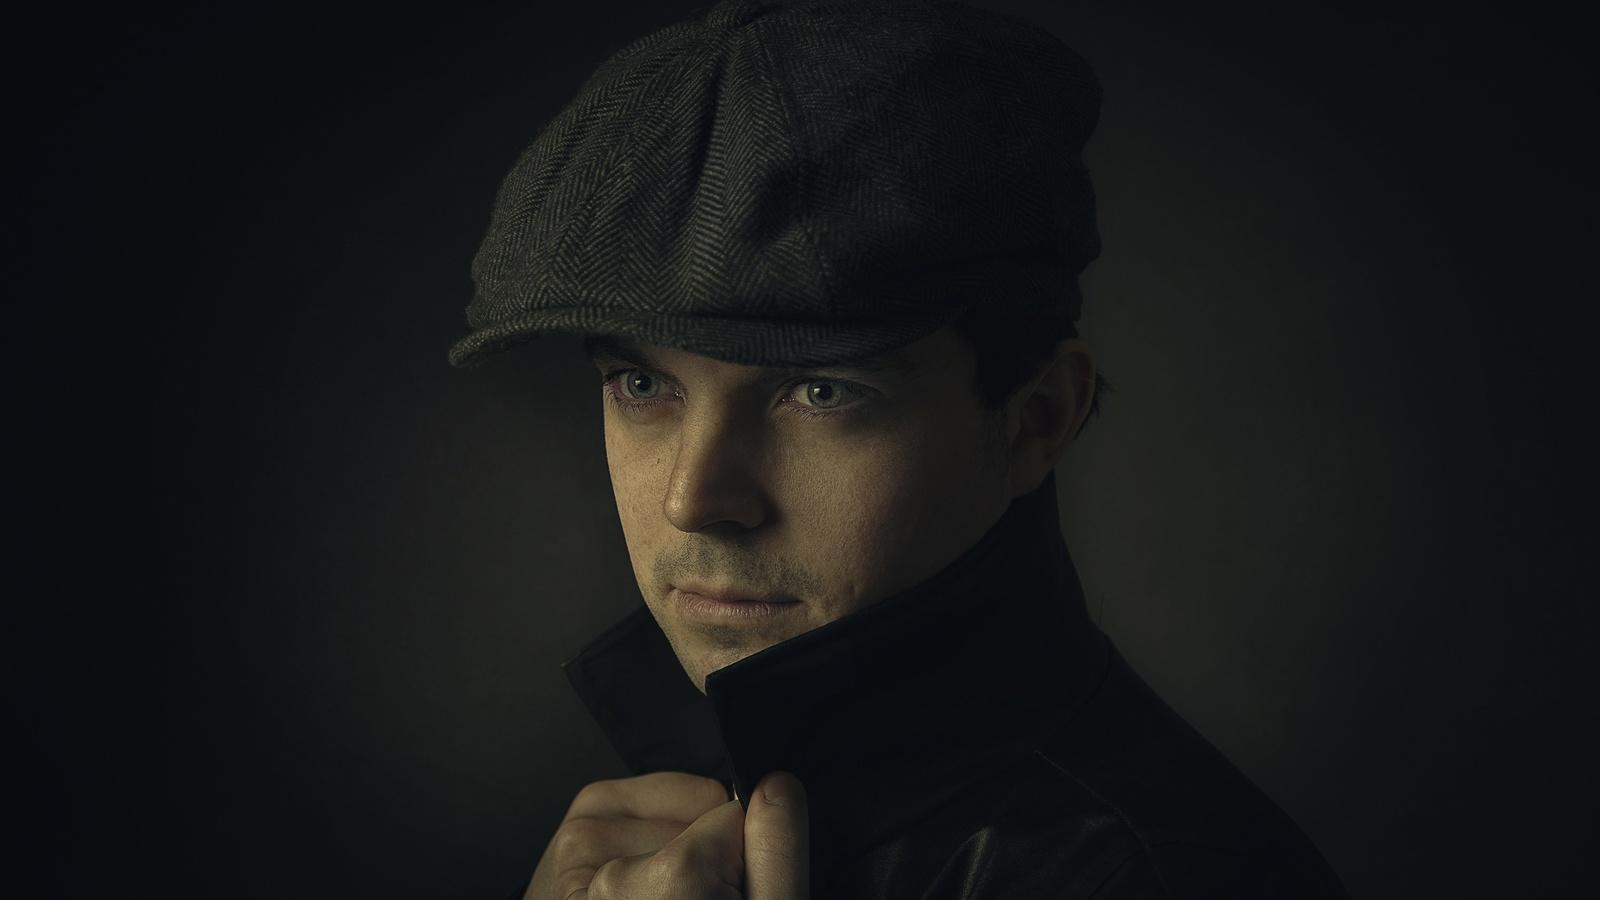 мужчина, лицо, портрет